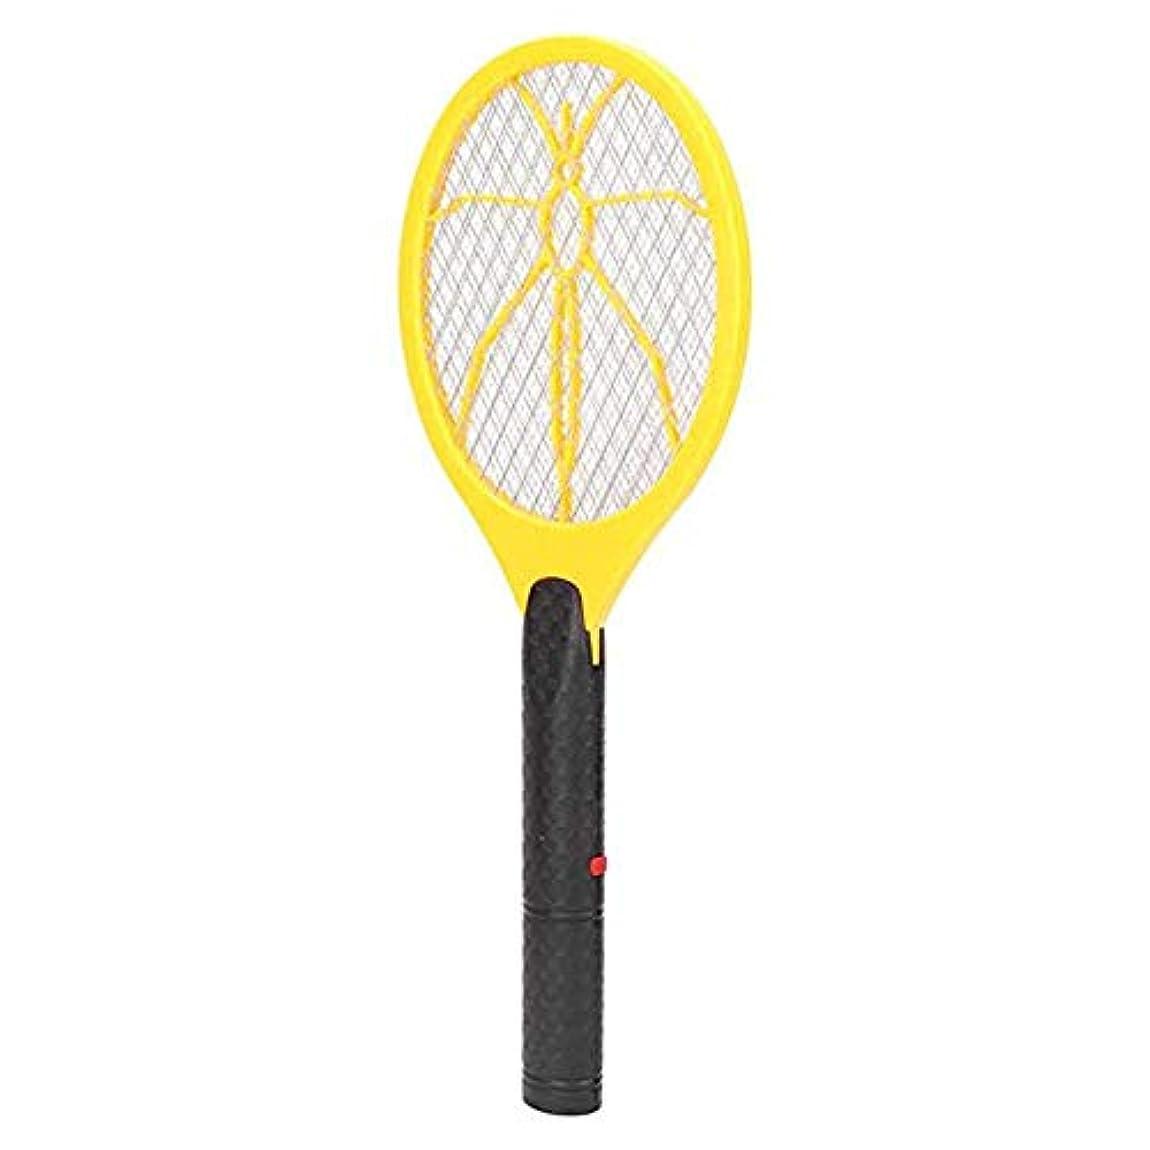 鉱石フレッシュによって電子蚊ハエたたきバッテリー駆動昆虫ザッパーハエラケットラケット充電式蚊ハエキラーイエロー